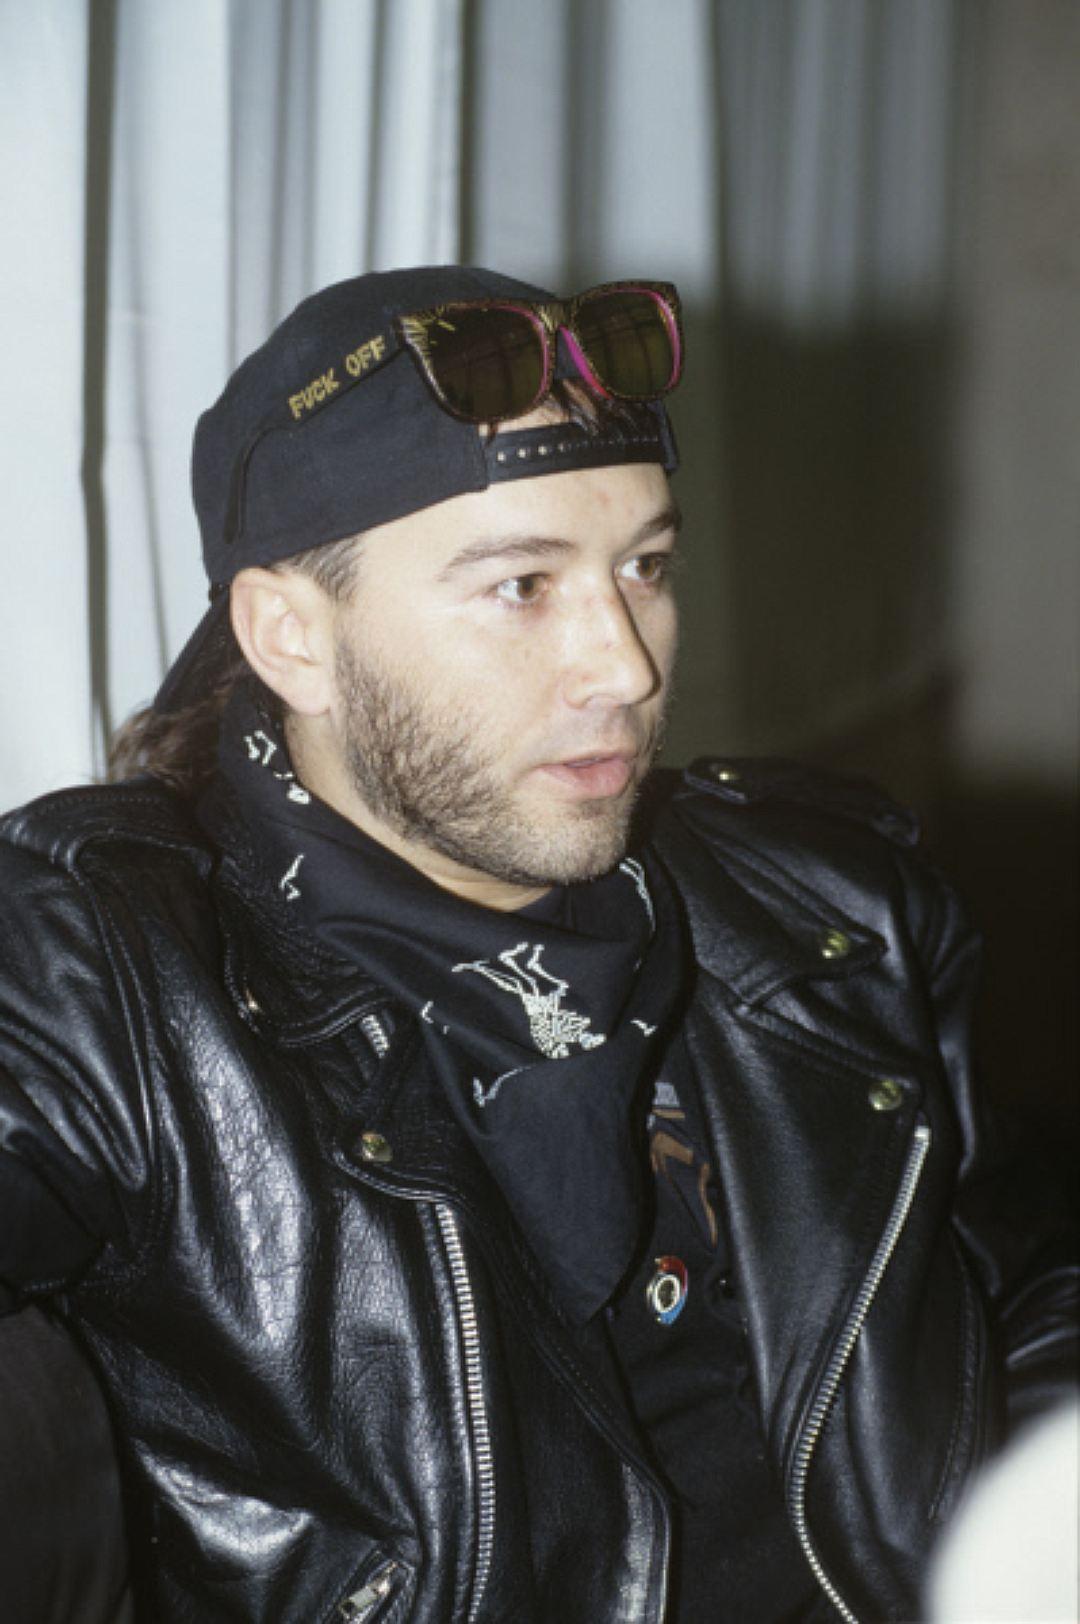 Художник-модельер, сын кутюрье Вячеслава Зайцева — Егор Зайцев, 1992 год. Спортивные костюмы Были по